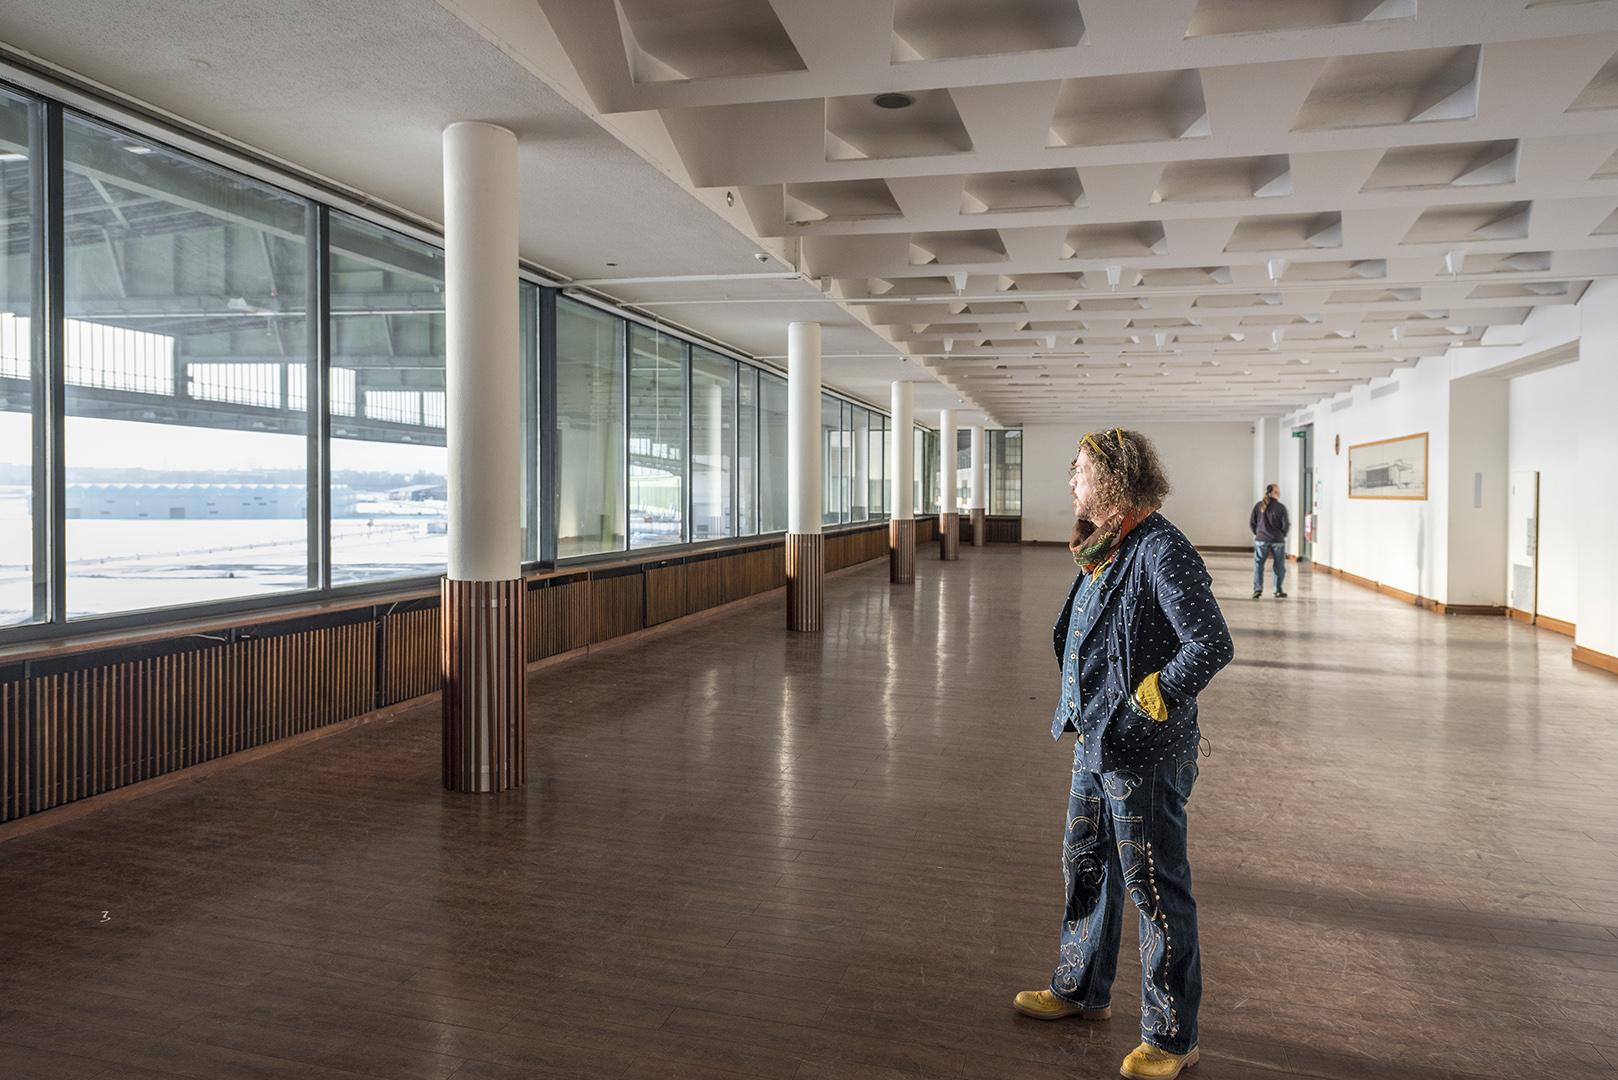 Buzz Dee von der Band Knorkator im ehemaligen Restaurant vom Flughafen Tempelhof. Berlin-Tempelhof, 16.01.2017